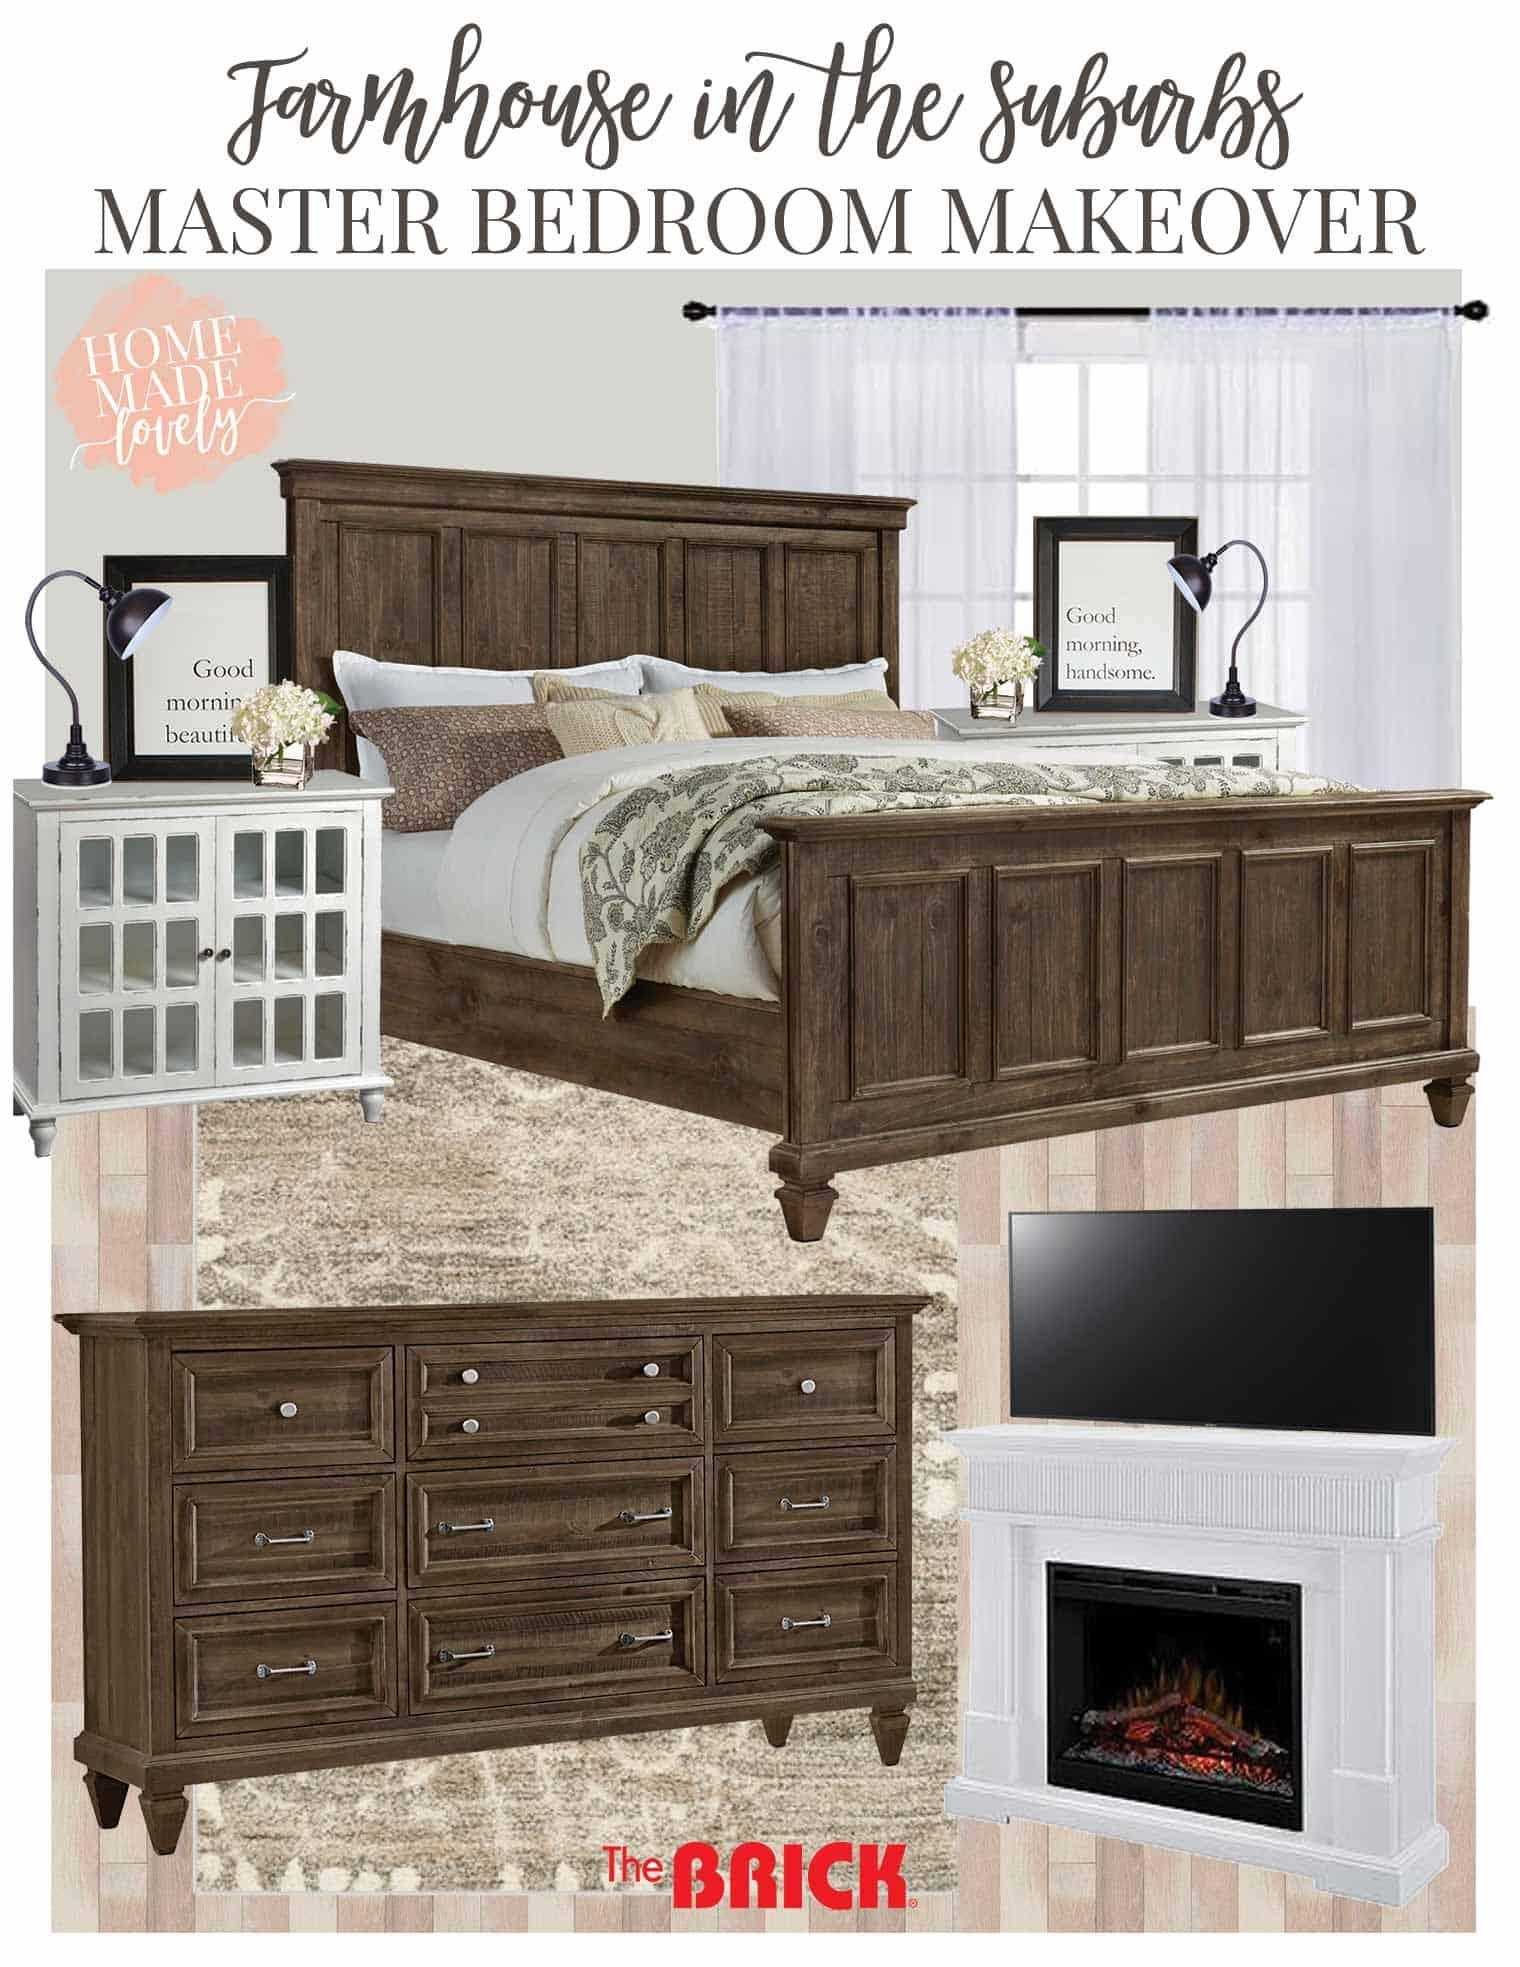 master bedroom makeover plans moodboard